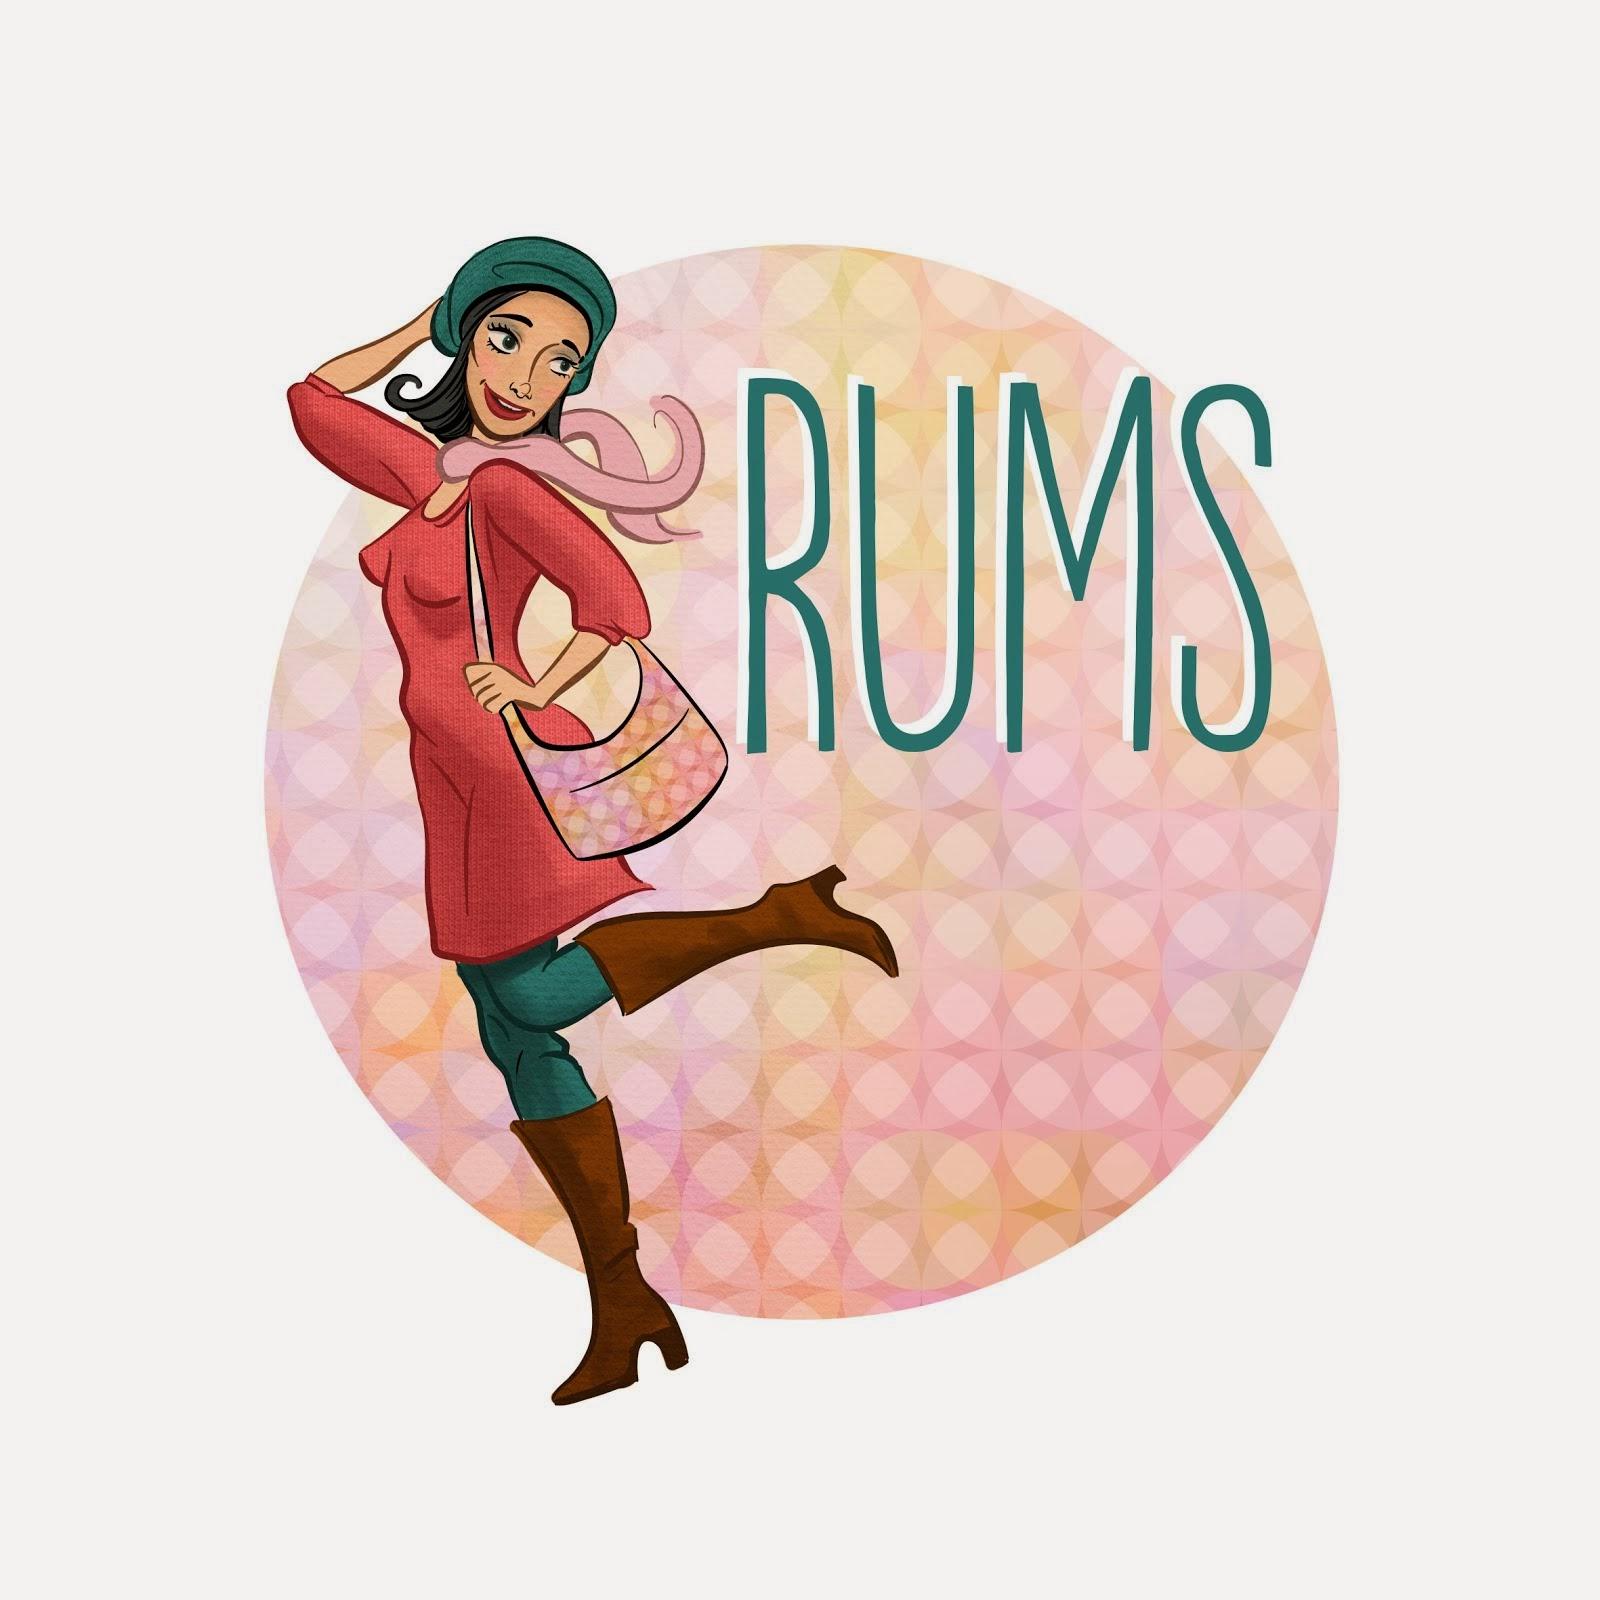 http://rundumsweib.blogspot.de//